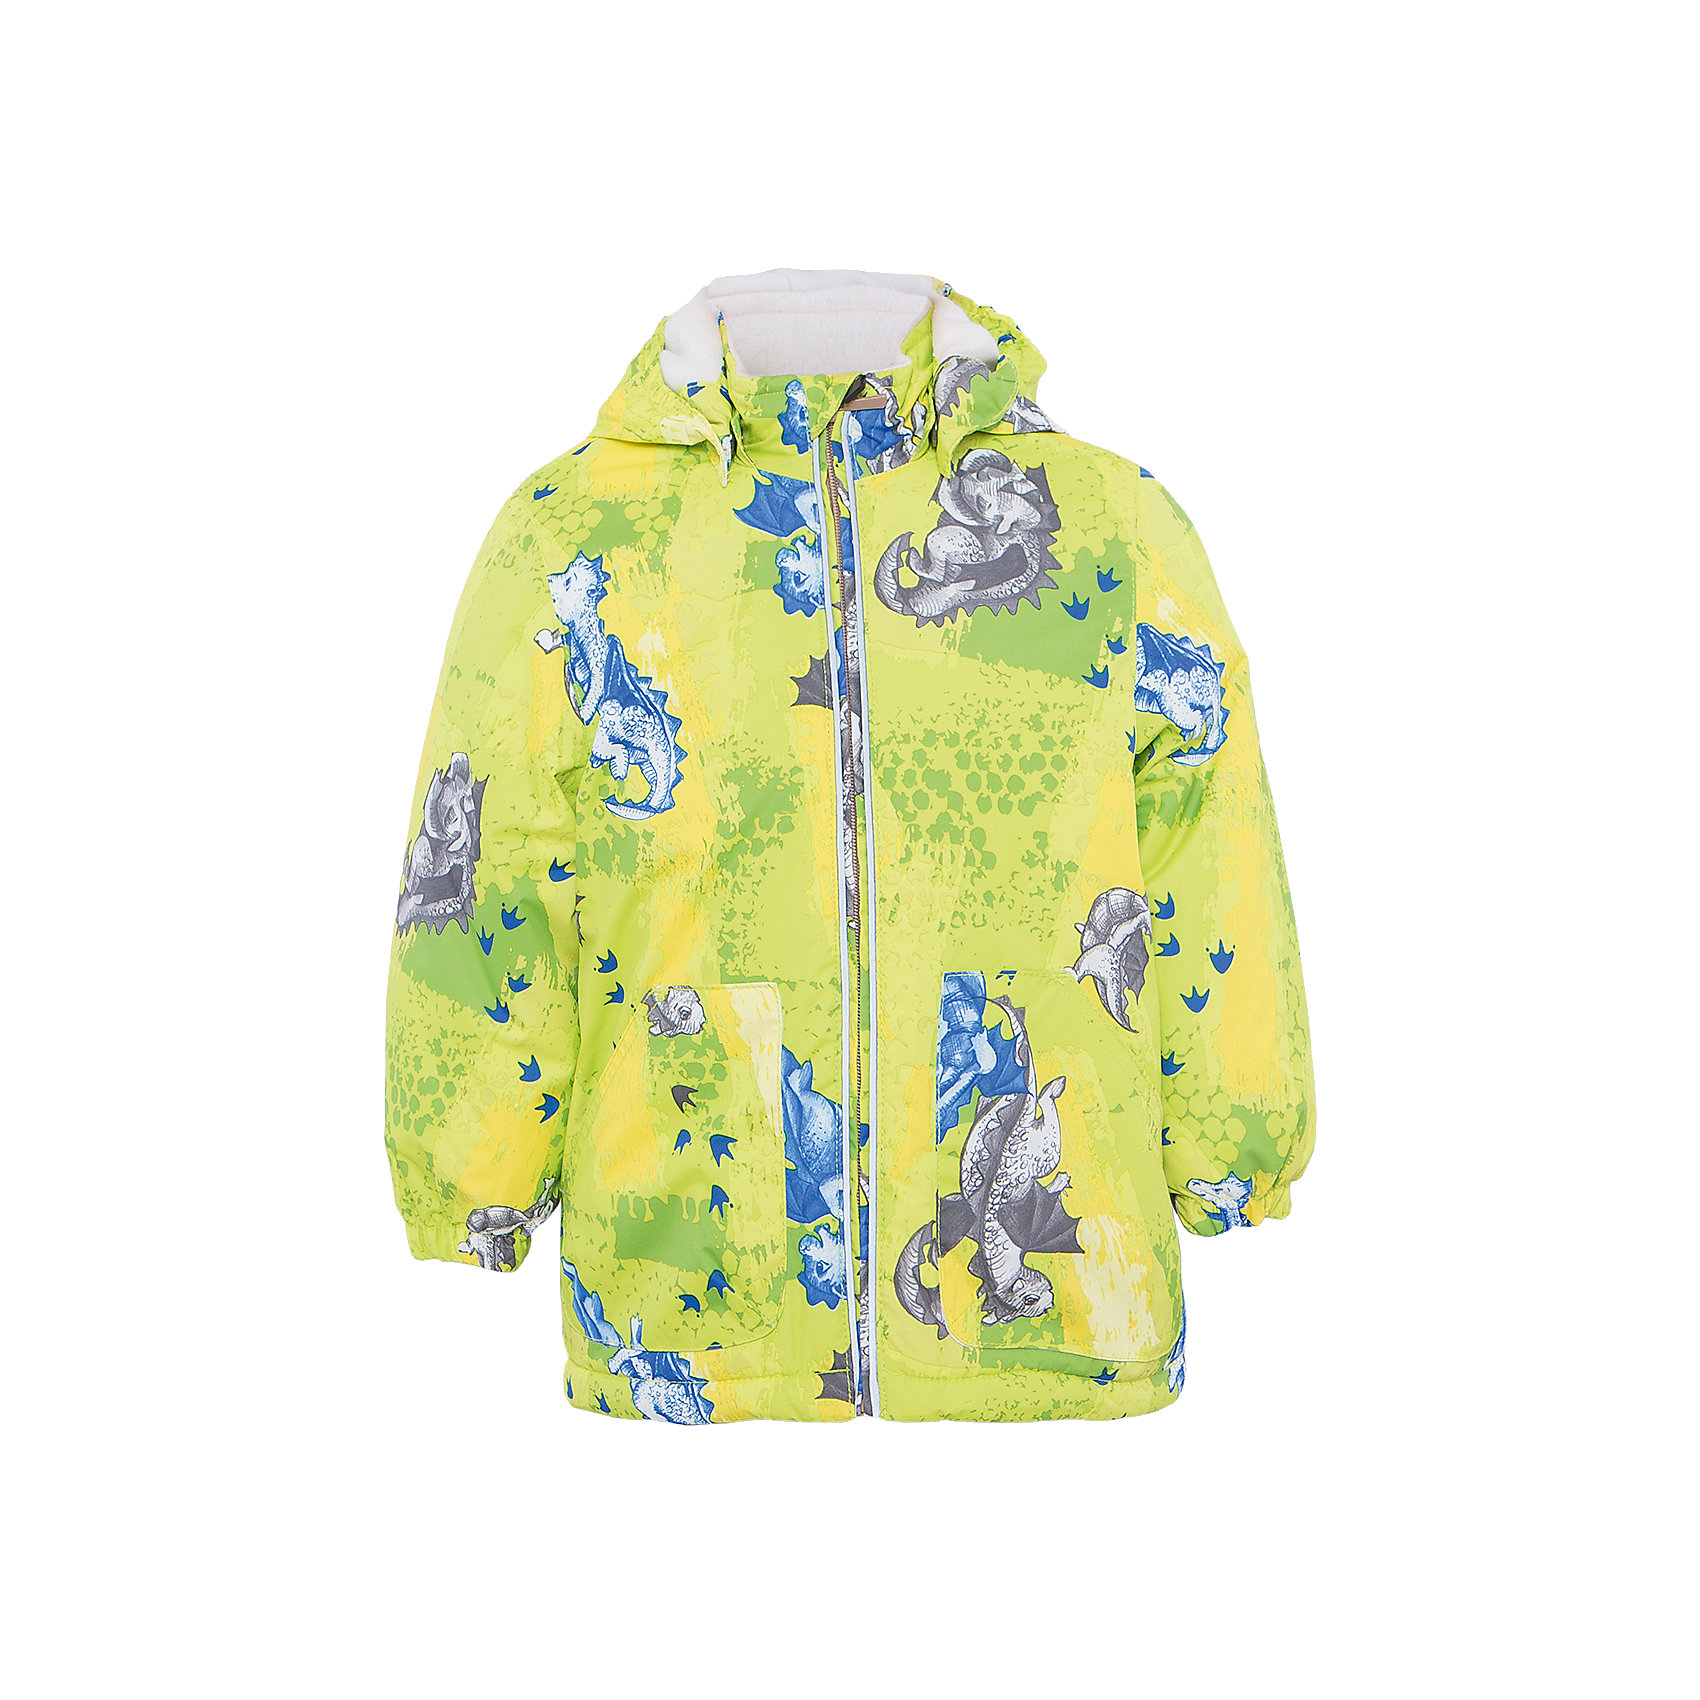 Куртка для мальчика BERTY HuppaДемисезонные куртки<br>Характеристики товара:<br><br>• цвет: лайм принт<br>• ткань: 100% полиэстер<br>• подкладка: Coral-fleece, смесь хлопка и полиэстера, в рукавах тафат - 100% полиэстер<br>• утеплитель: 100% полиэстер 100 г<br>• температурный режим: от -5°С до +10°С<br>• водонепроницаемость: 5000 мм<br>• воздухопроницаемость: 5000 мм<br>• светоотражающие детали<br>• эластичные манжеты<br>• эластичный шнурок + фиксатор<br>• защита подбородка<br>• съёмный капюшон с резинкой<br>• комфортная посадка<br>• коллекция: весна-лето 2017<br>• страна бренда: Эстония<br><br>Такая легкая и стильная куртка обеспечит детям тепло и комфорт. Она сделана из материала, отталкивающего воду, и дополнено подкладкой с утеплителем, поэтому изделие идеально подходит для межсезонья. Материал изделия - с мембранной технологией: защищая от влаги и ветра, он легко выводит лишнюю влагу наружу. Для удобства сделан капюшон. Куртка очень симпатично смотрится, яркая расцветка и крой добавляют ему оригинальности. Модель была разработана специально для детей.<br><br>Одежда и обувь от популярного эстонского бренда Huppa - отличный вариант одеть ребенка можно и комфортно. Вещи, выпускаемые компанией, качественные, продуманные и очень удобные. Для производства изделий используются только безопасные для детей материалы. Продукция от Huppa порадует и детей, и их родителей!<br><br>Куртку для мальчика BERTY от бренда Huppa (Хуппа) можно купить в нашем интернет-магазине.<br><br>Ширина мм: 356<br>Глубина мм: 10<br>Высота мм: 245<br>Вес г: 519<br>Цвет: зеленый<br>Возраст от месяцев: 48<br>Возраст до месяцев: 60<br>Пол: Мужской<br>Возраст: Детский<br>Размер: 110,80,86,92,98,104<br>SKU: 5346945